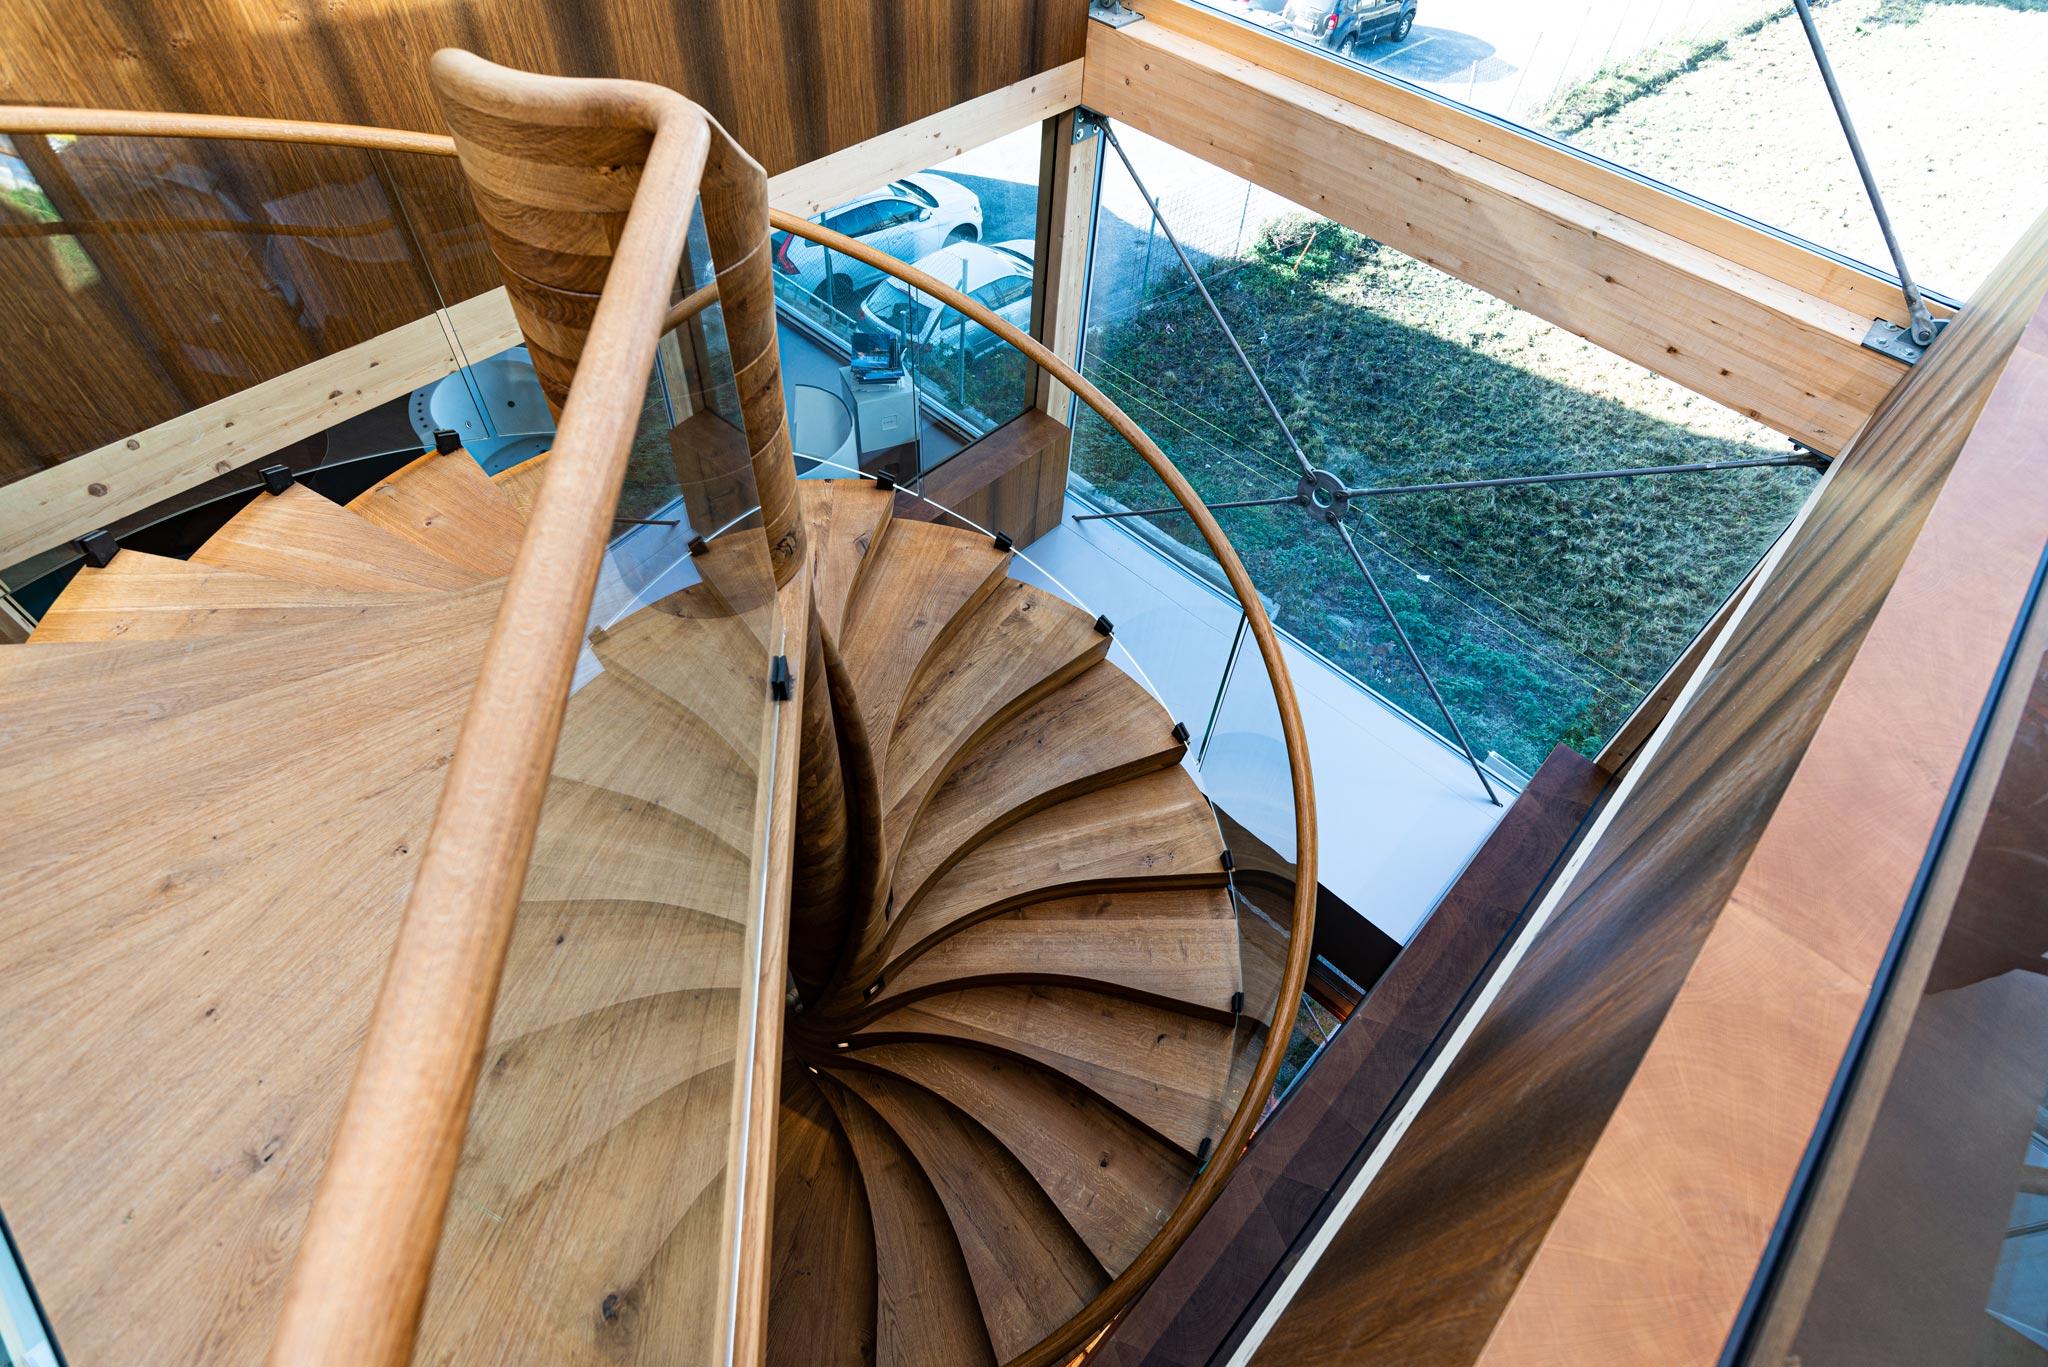 ES ShowR escalier hor 20 11 0110 1 - Escalier Showroom ESKISS